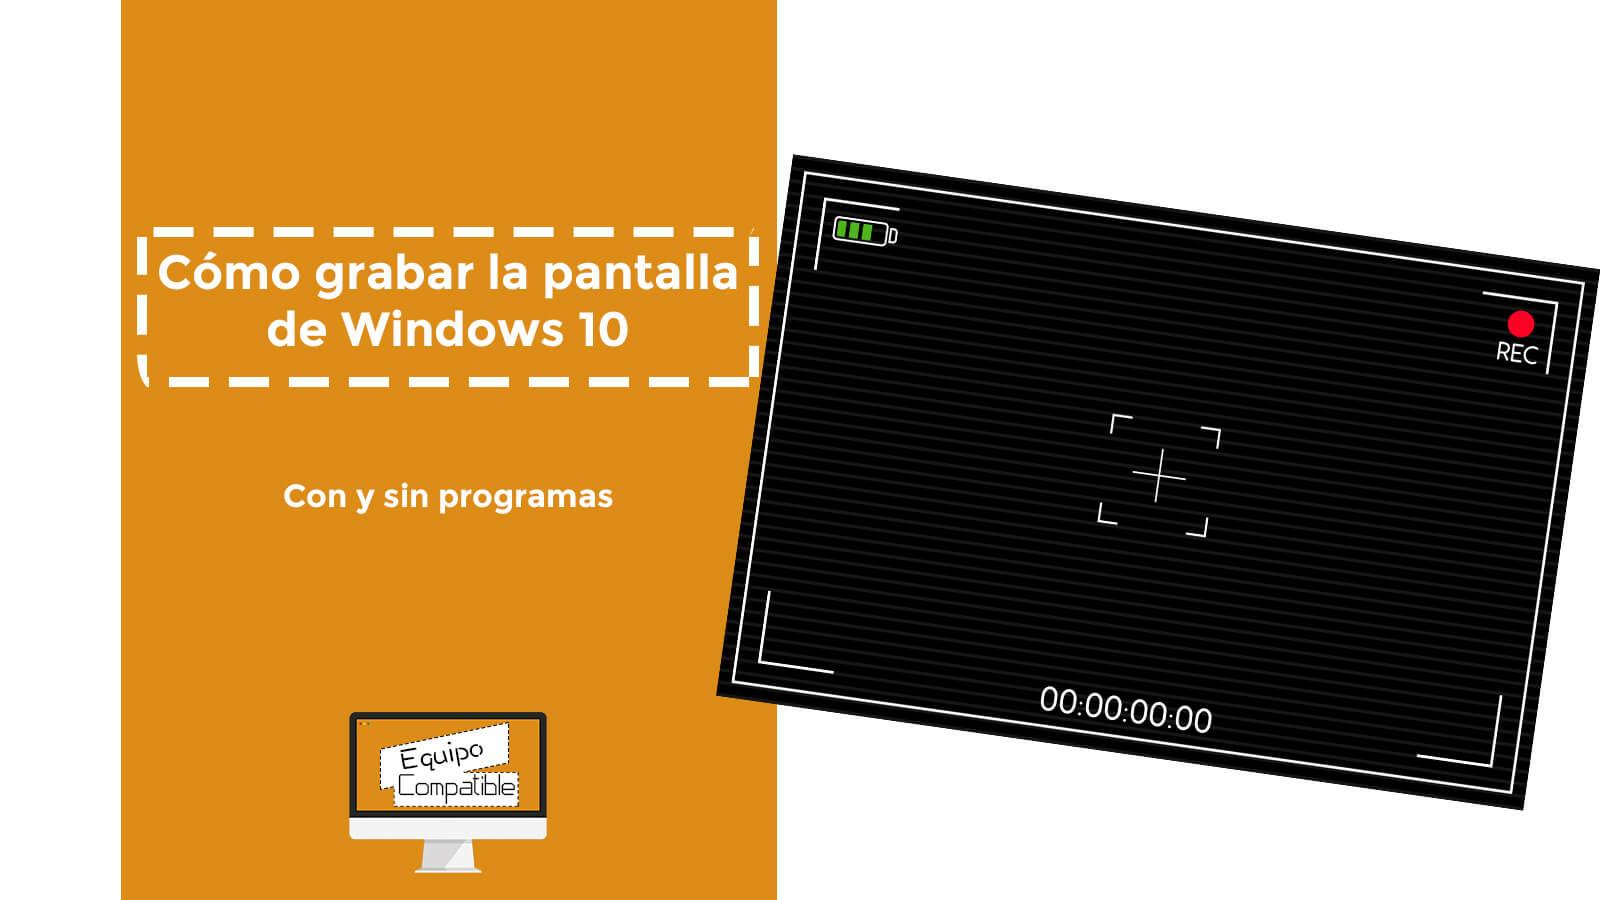 cómo grabar la pantalla en windows 10